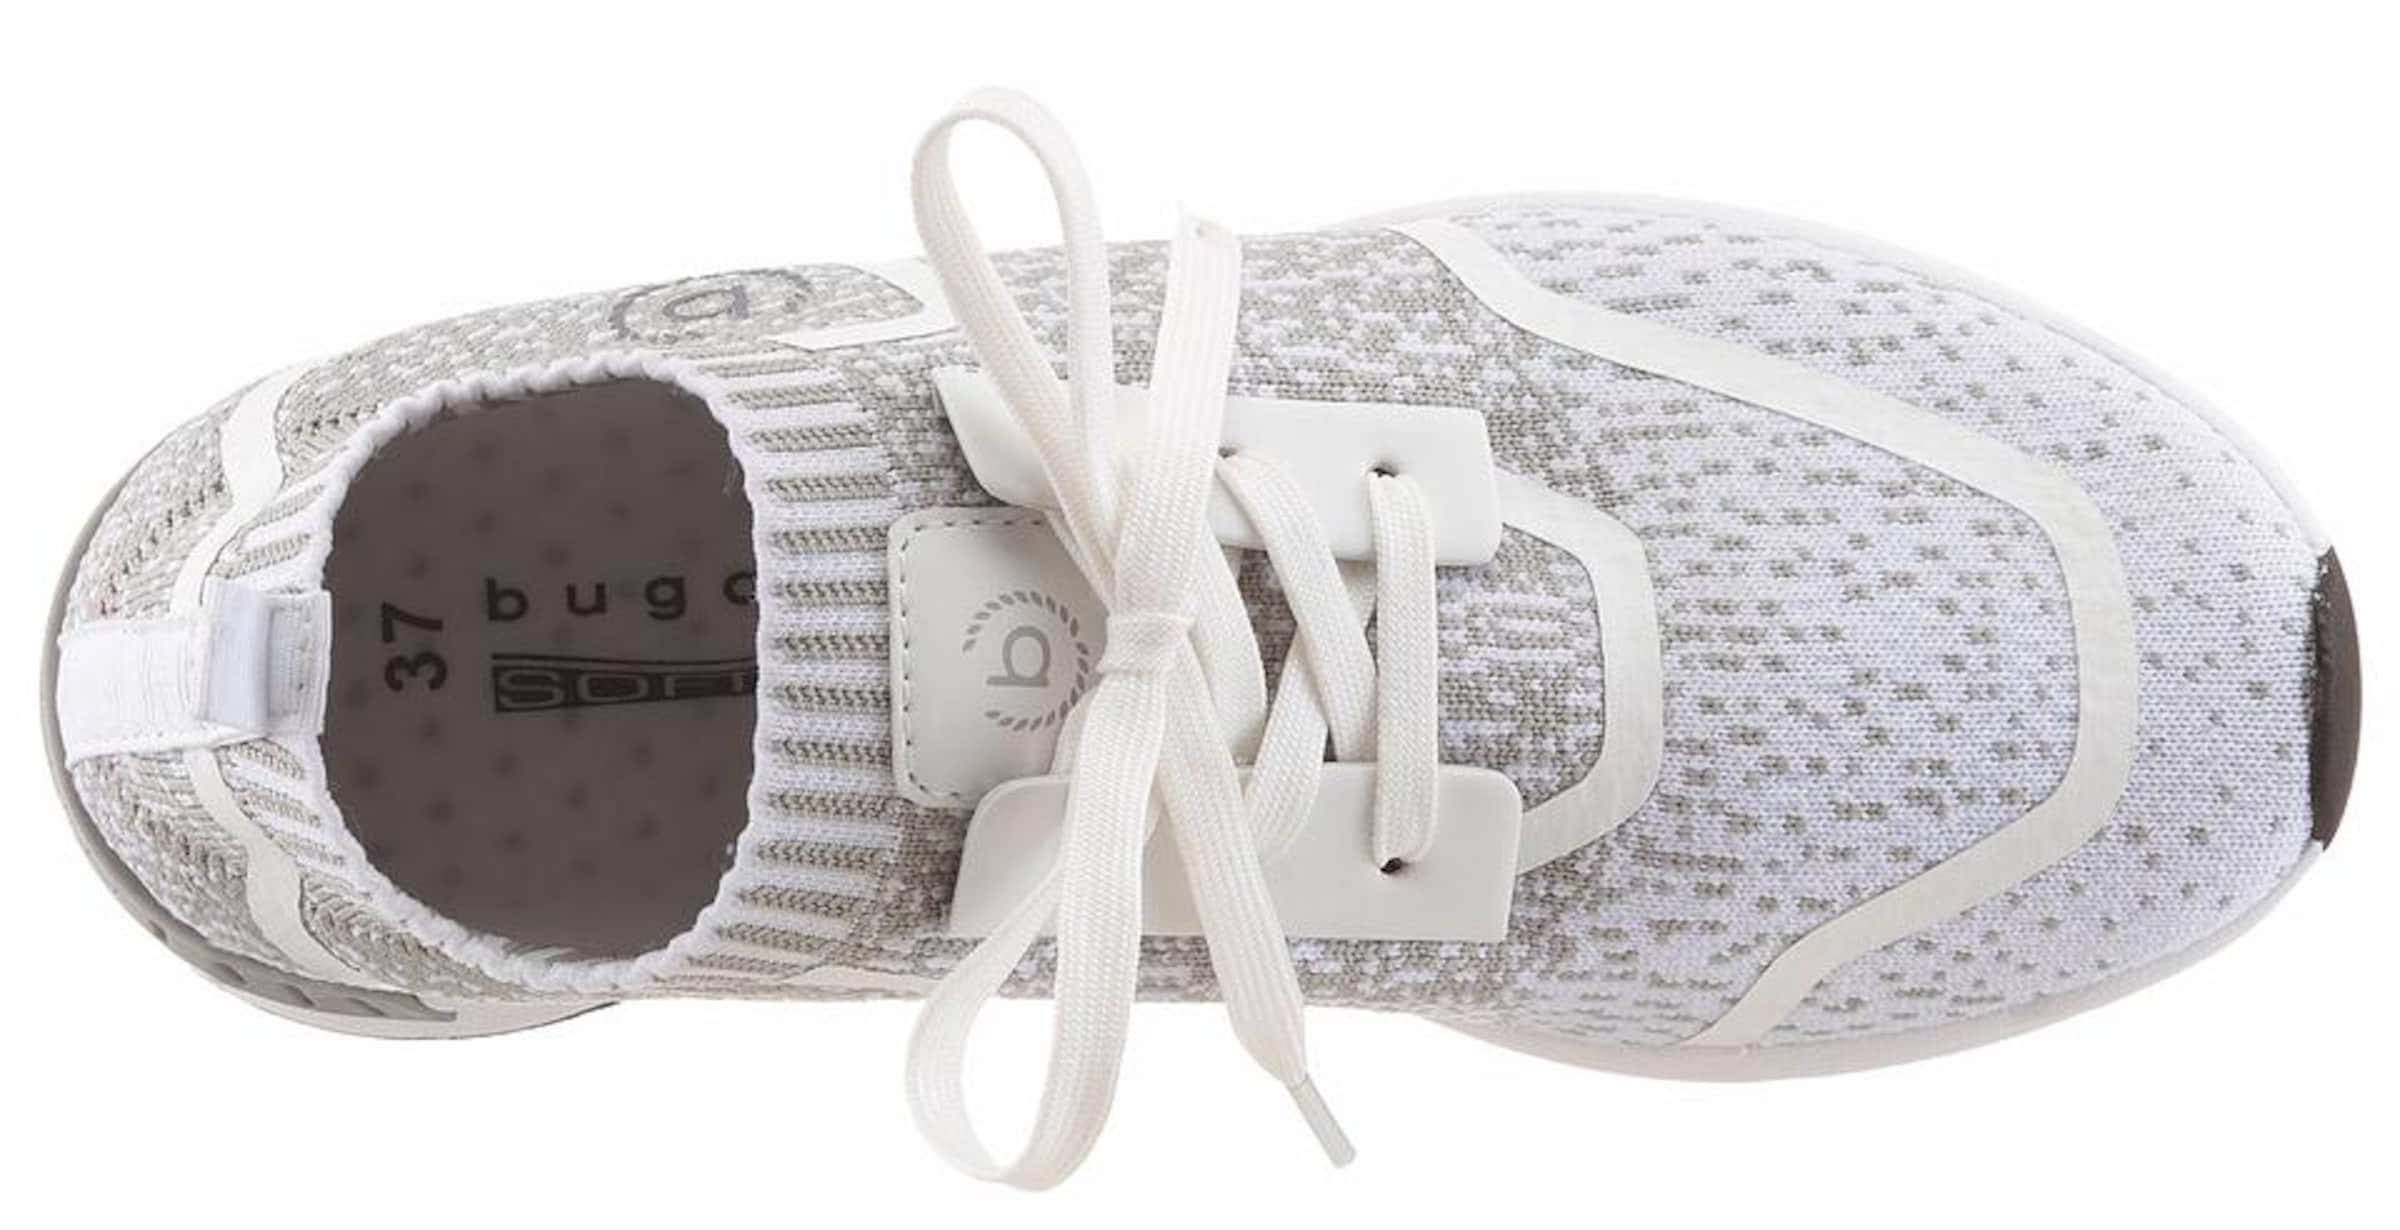 Günstige Preise Kaufladen bugatti Bugatti Sneaker Empfehlen Billig Zu Verkaufen Billig Authentisch 100% Zum Verkauf Garantiert IetKF18CF